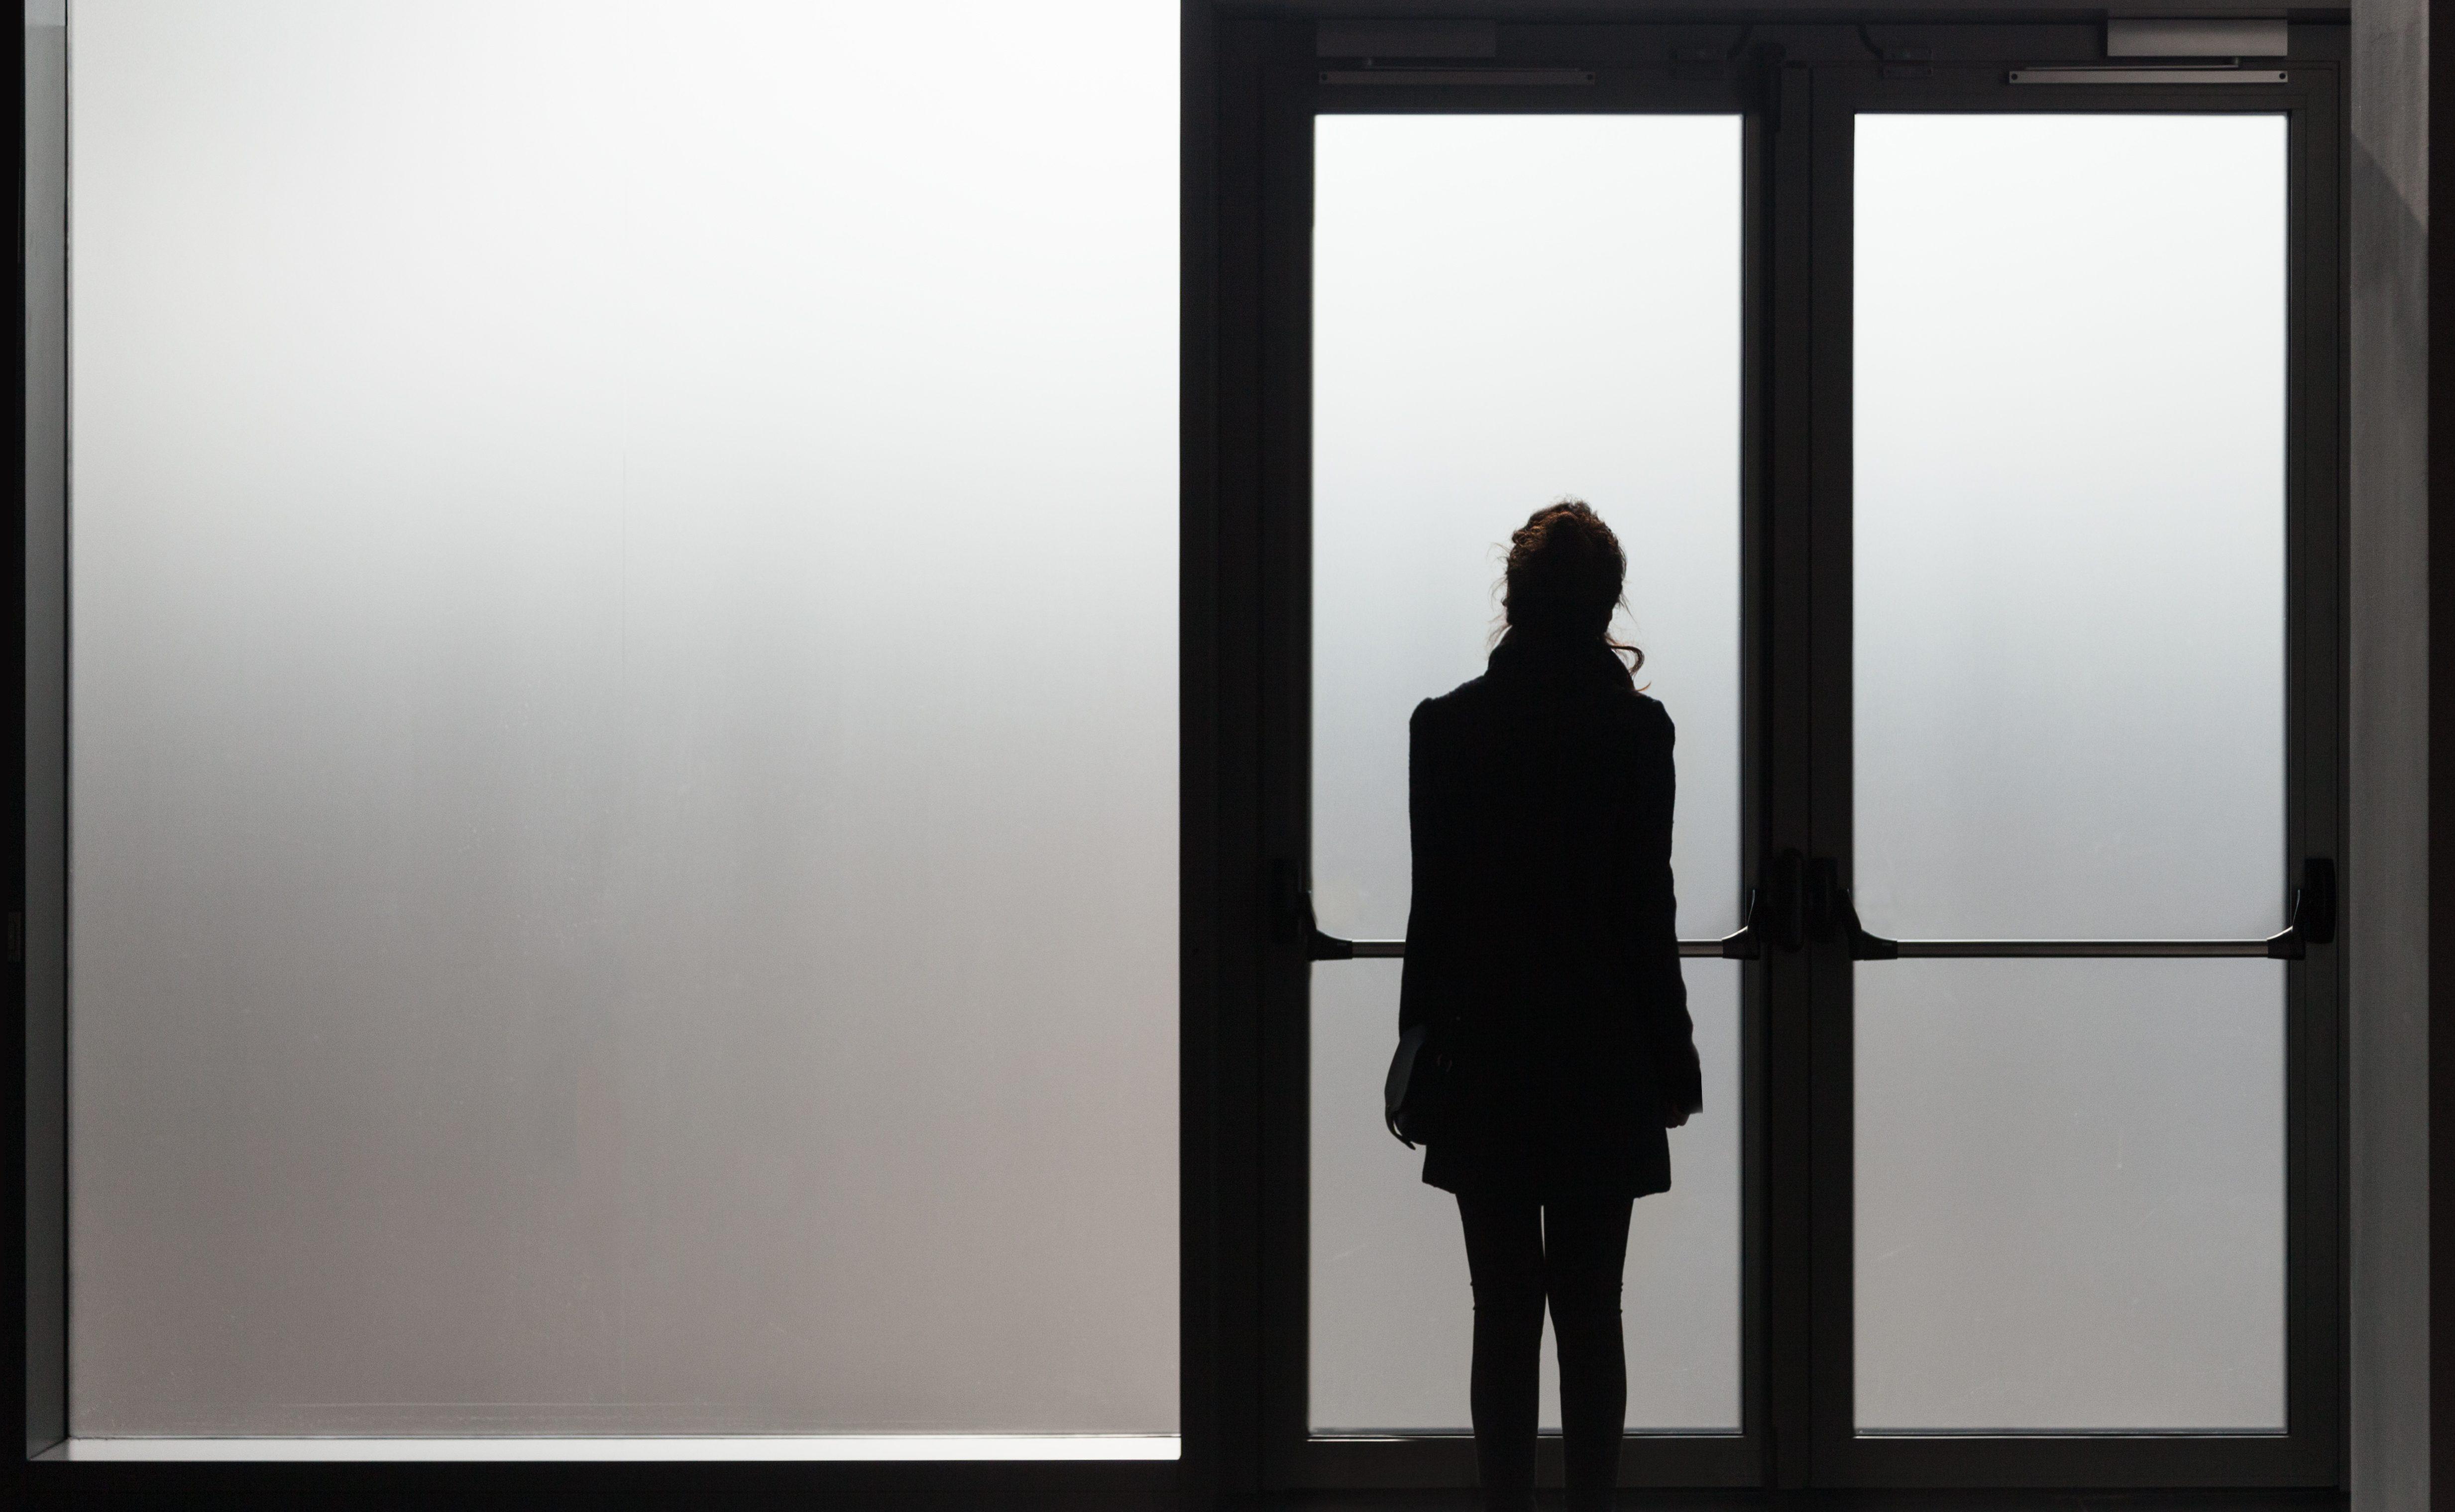 鬱病の女性